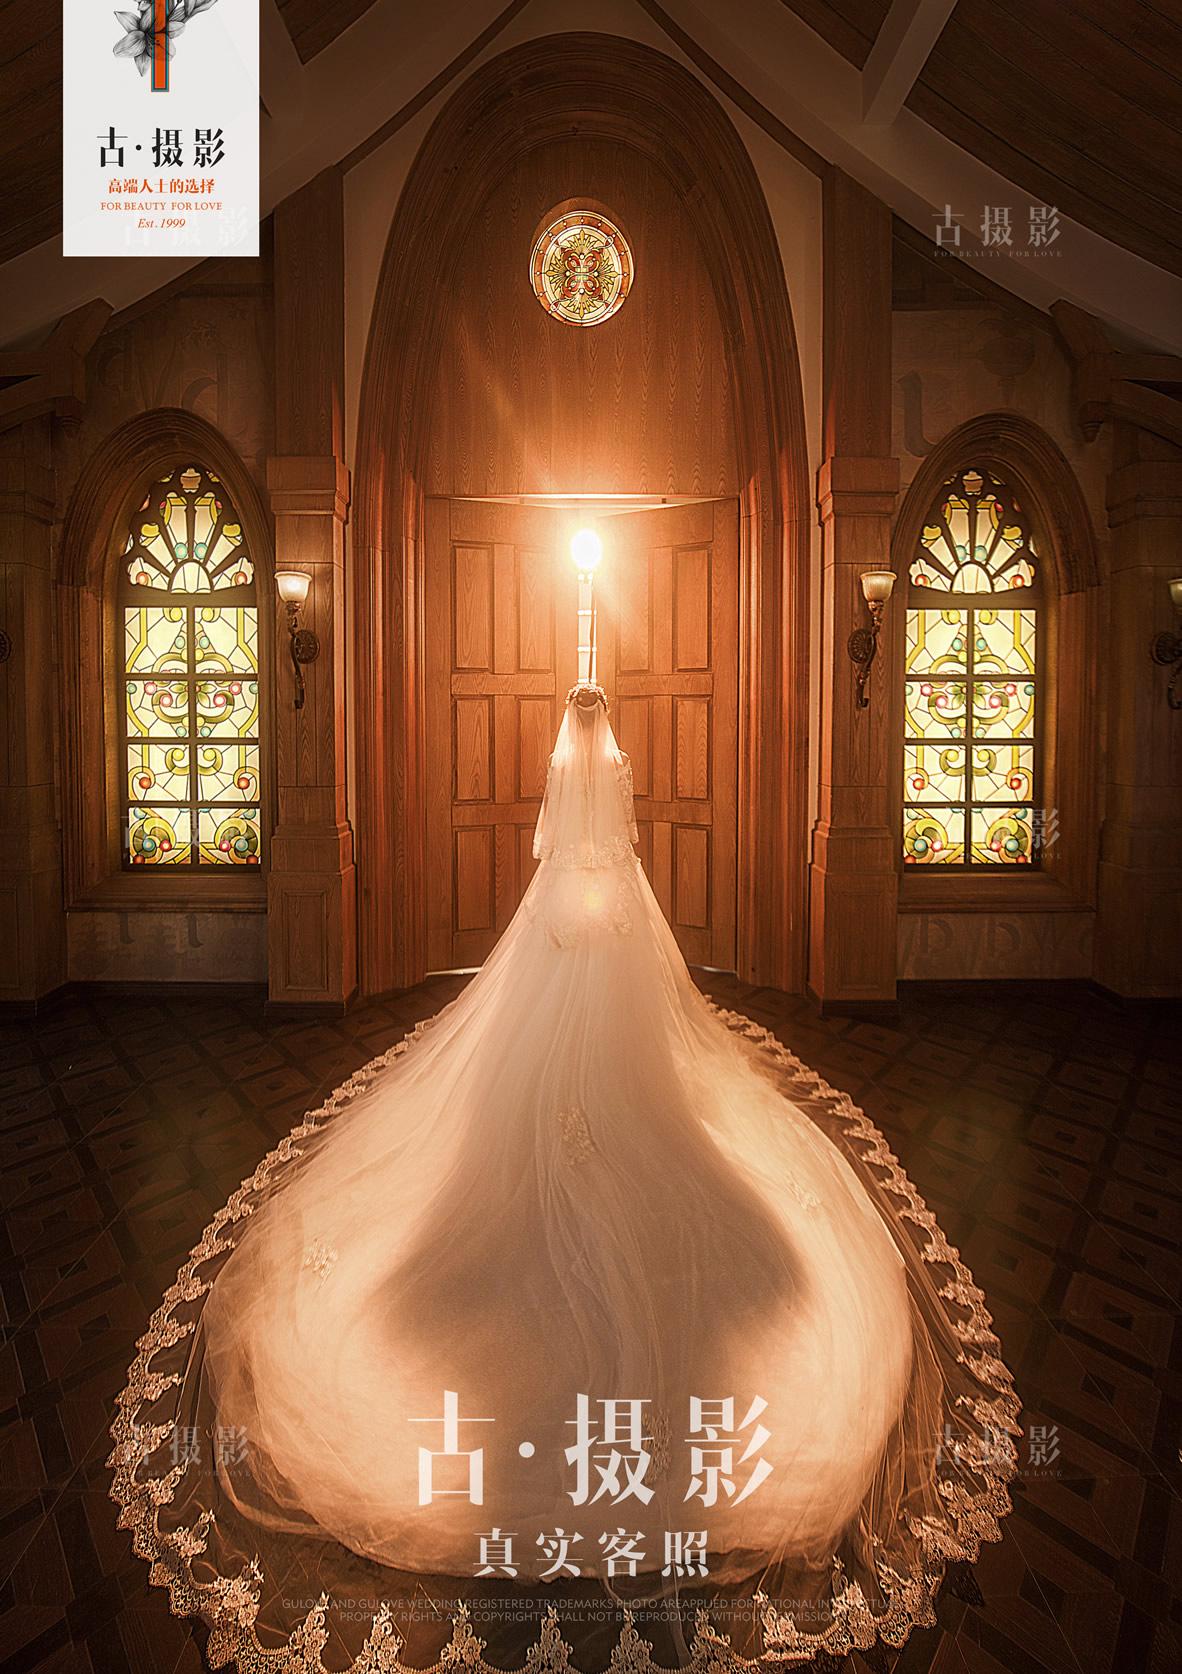 5月15日客片陈先生 陈小姐 - 每日客照 - 古摄影婚纱艺术-古摄影成都婚纱摄影艺术摄影网